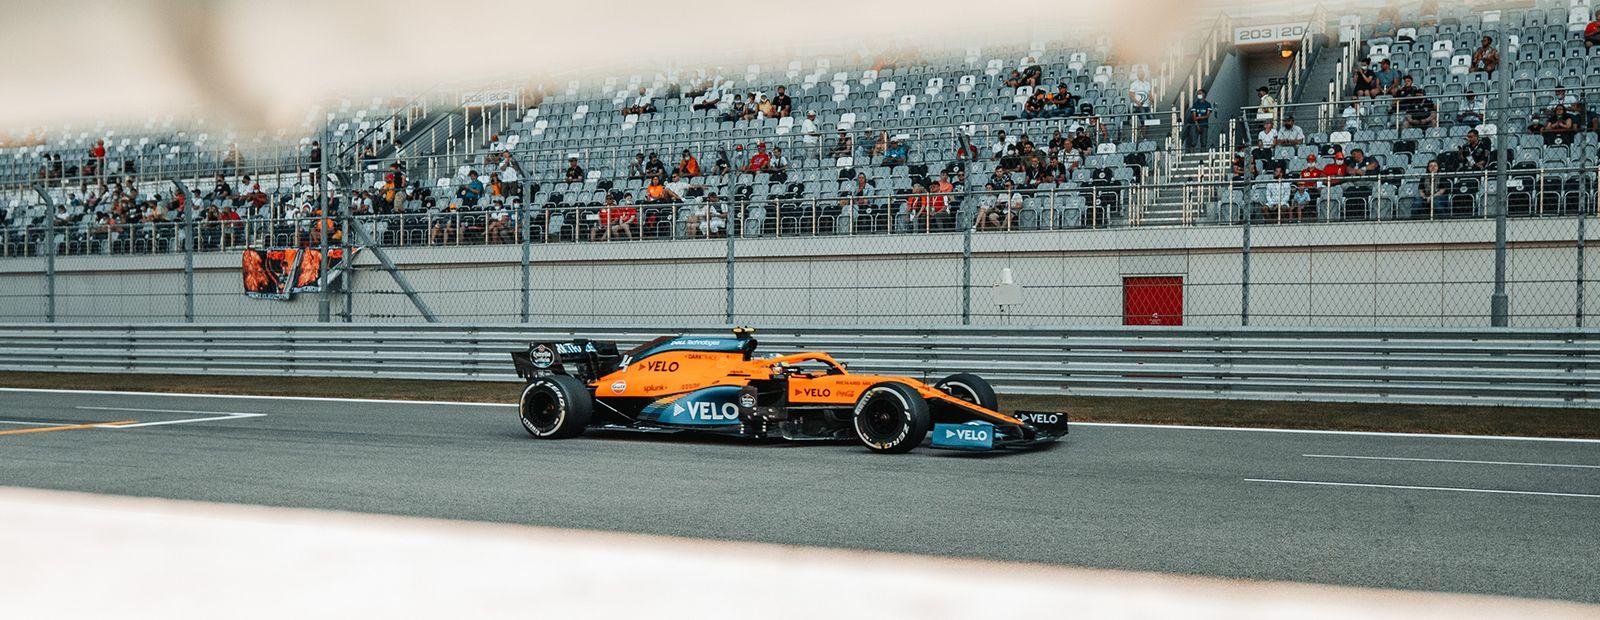 Mclaren Racing Official Website